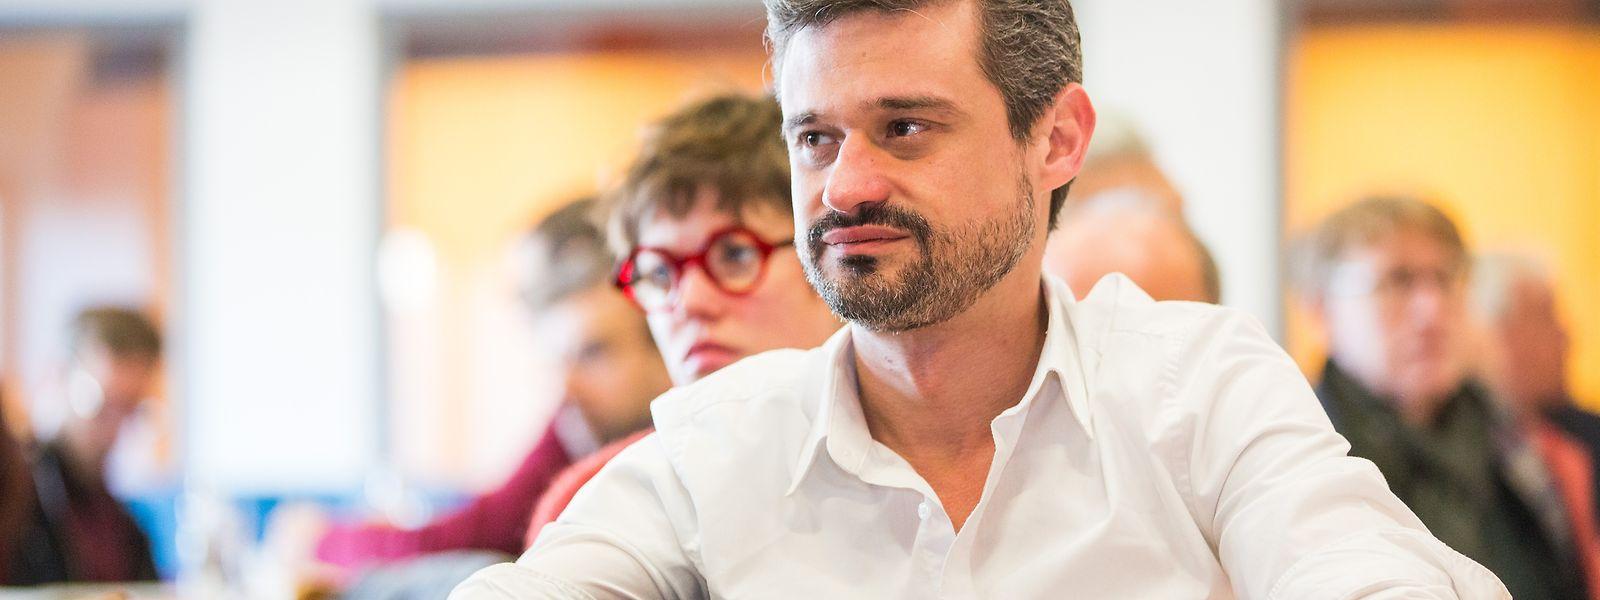 Der Abgeordnete David Wagner ist einer von vier Spitzenkandidaten, die im Zentrum für Déi Lénk kandidieren.